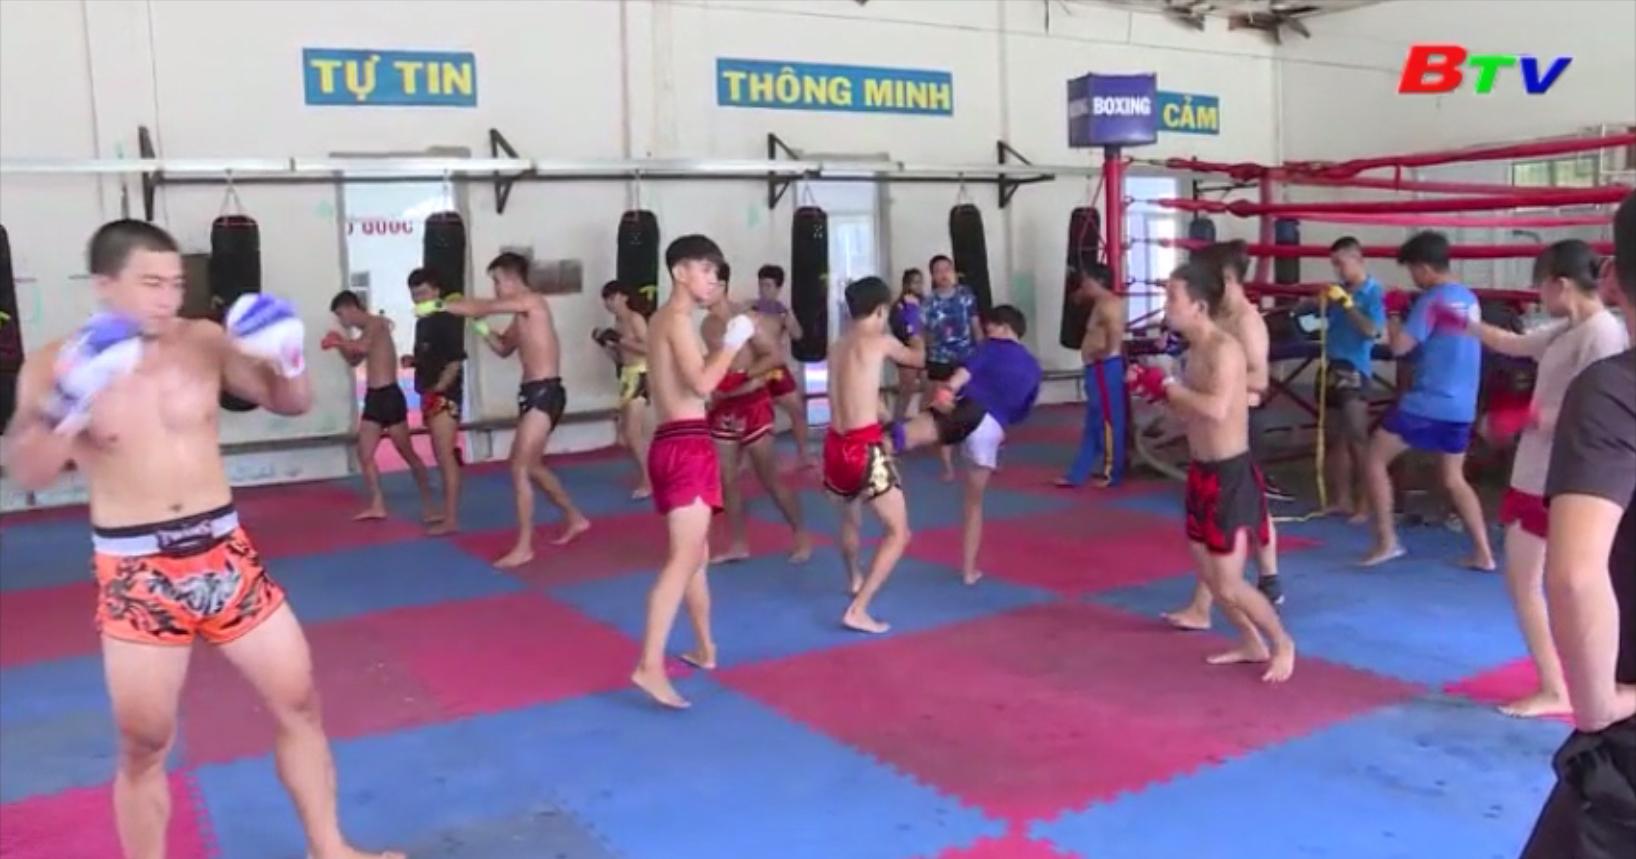 Bình Dương chuẩn bị các giải đấu võ thuật toàn quốc